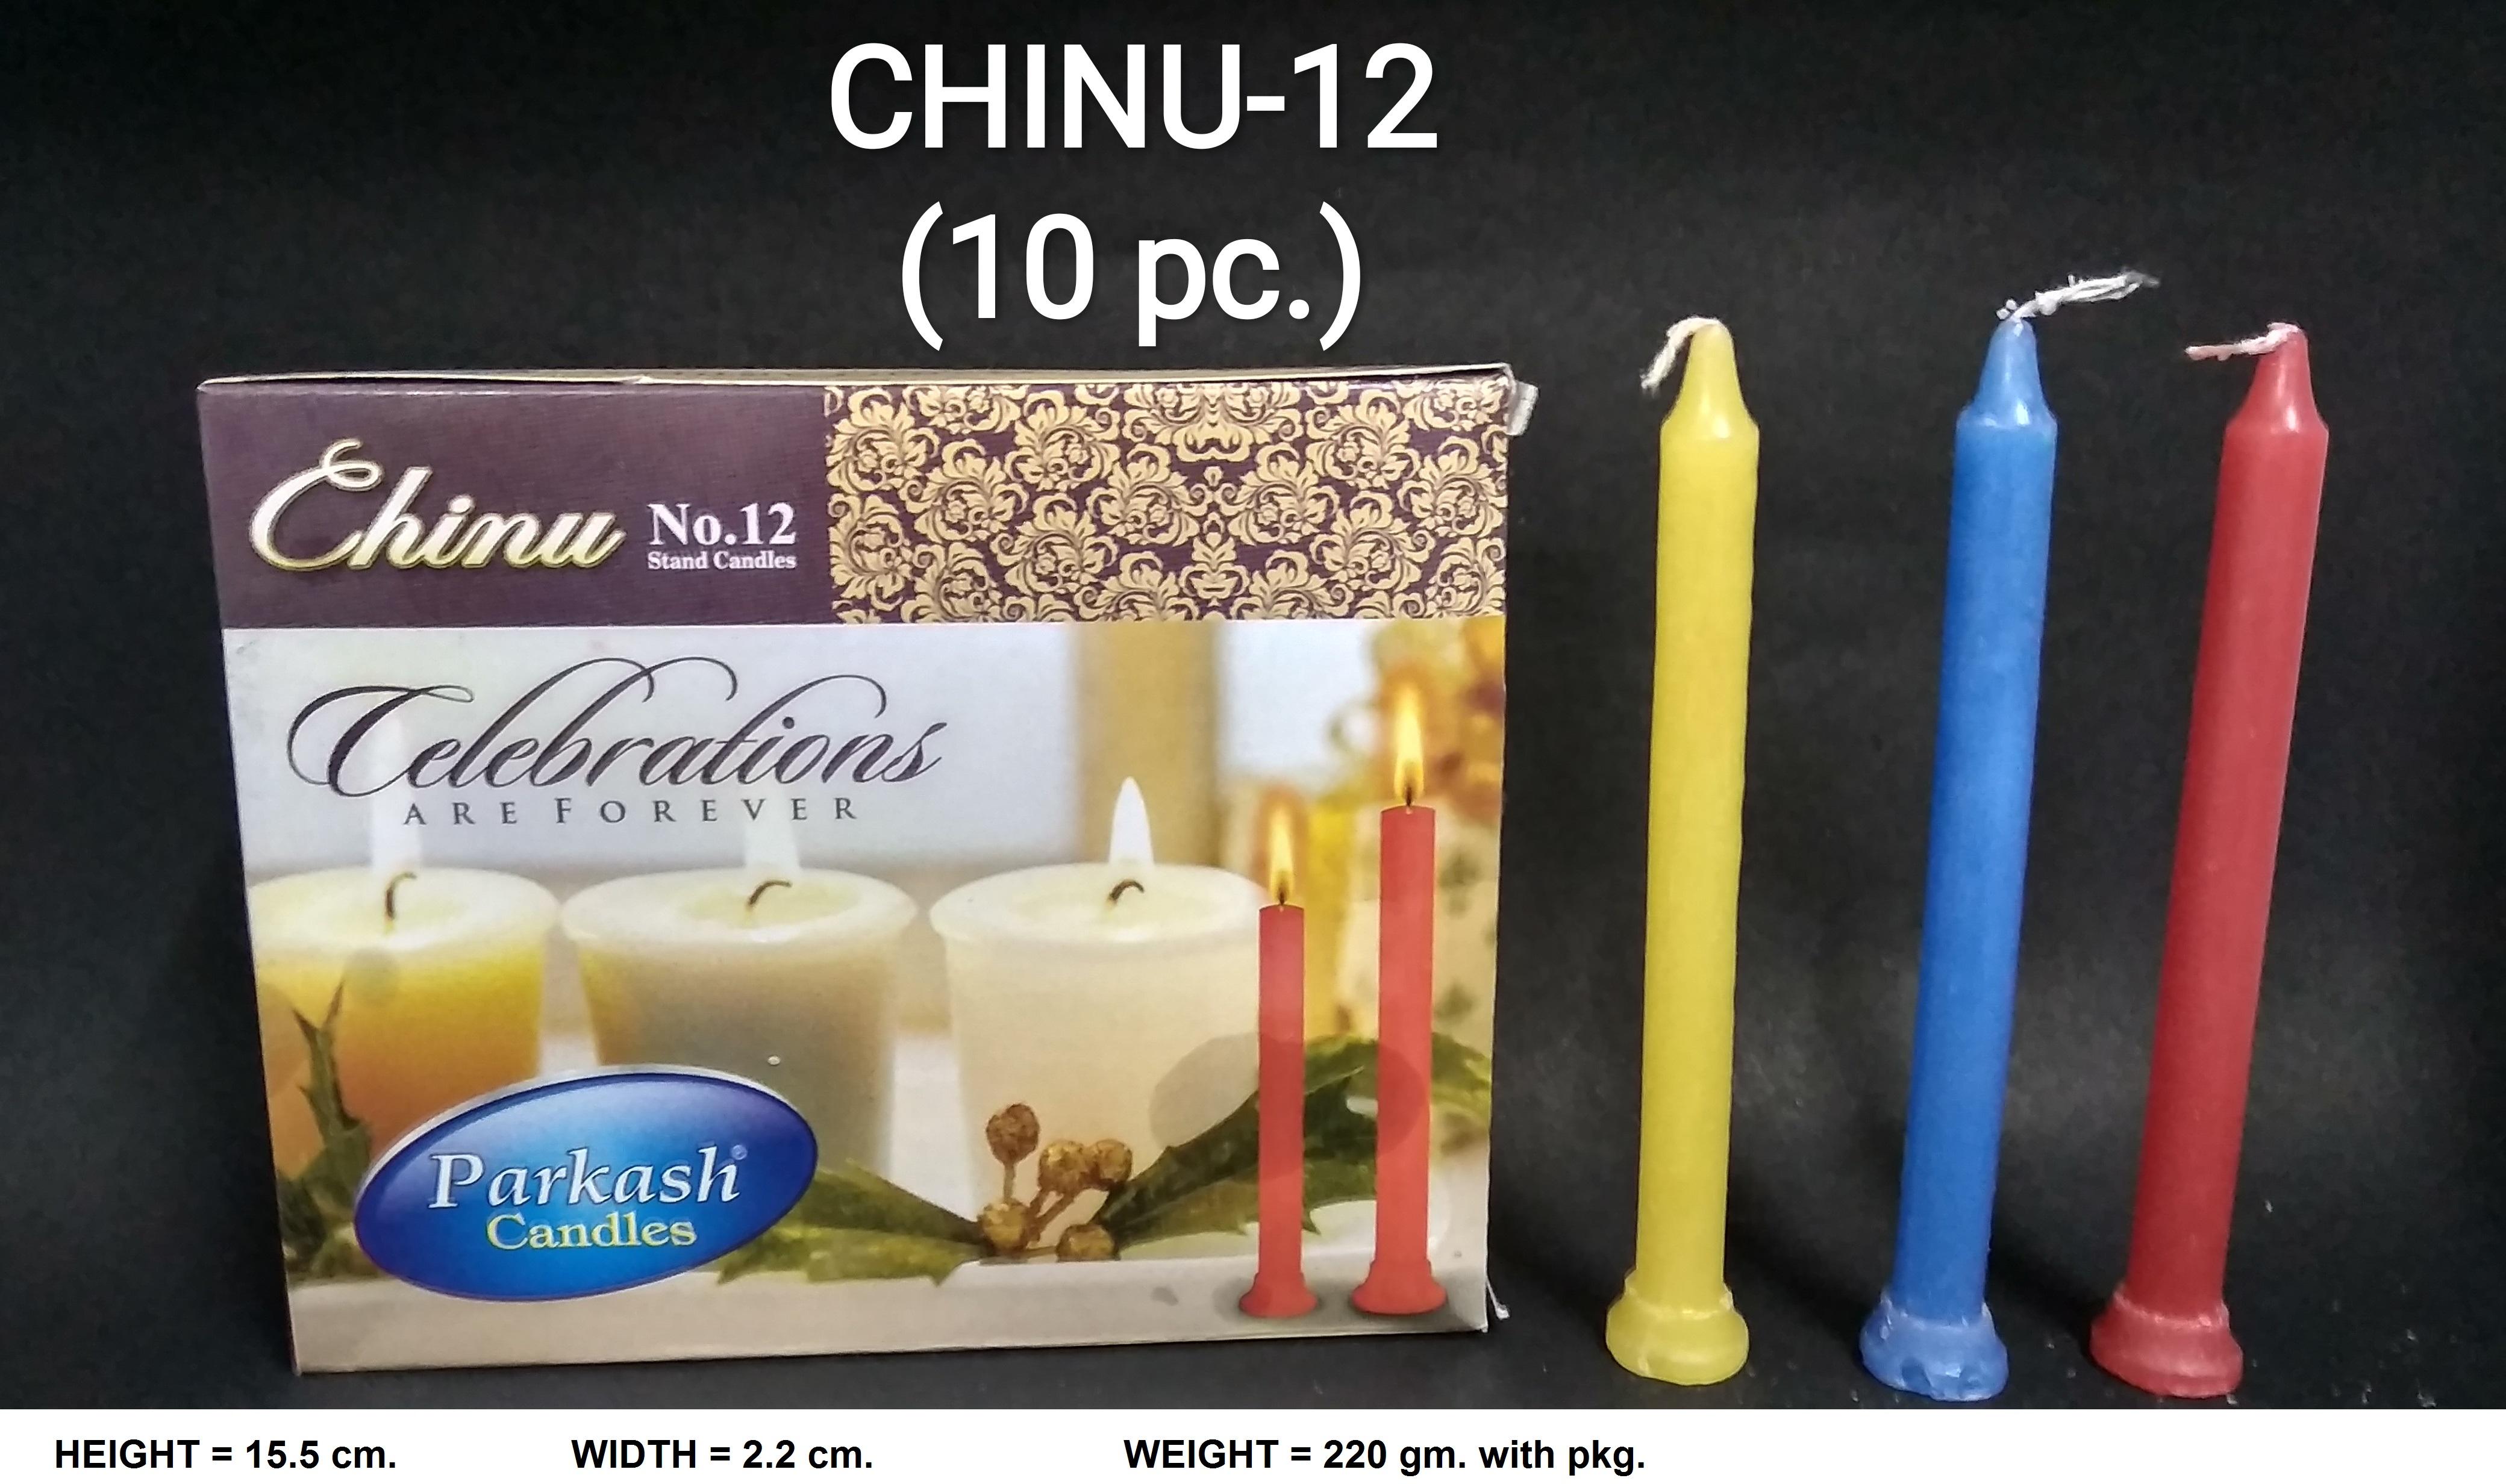 CHINU-12